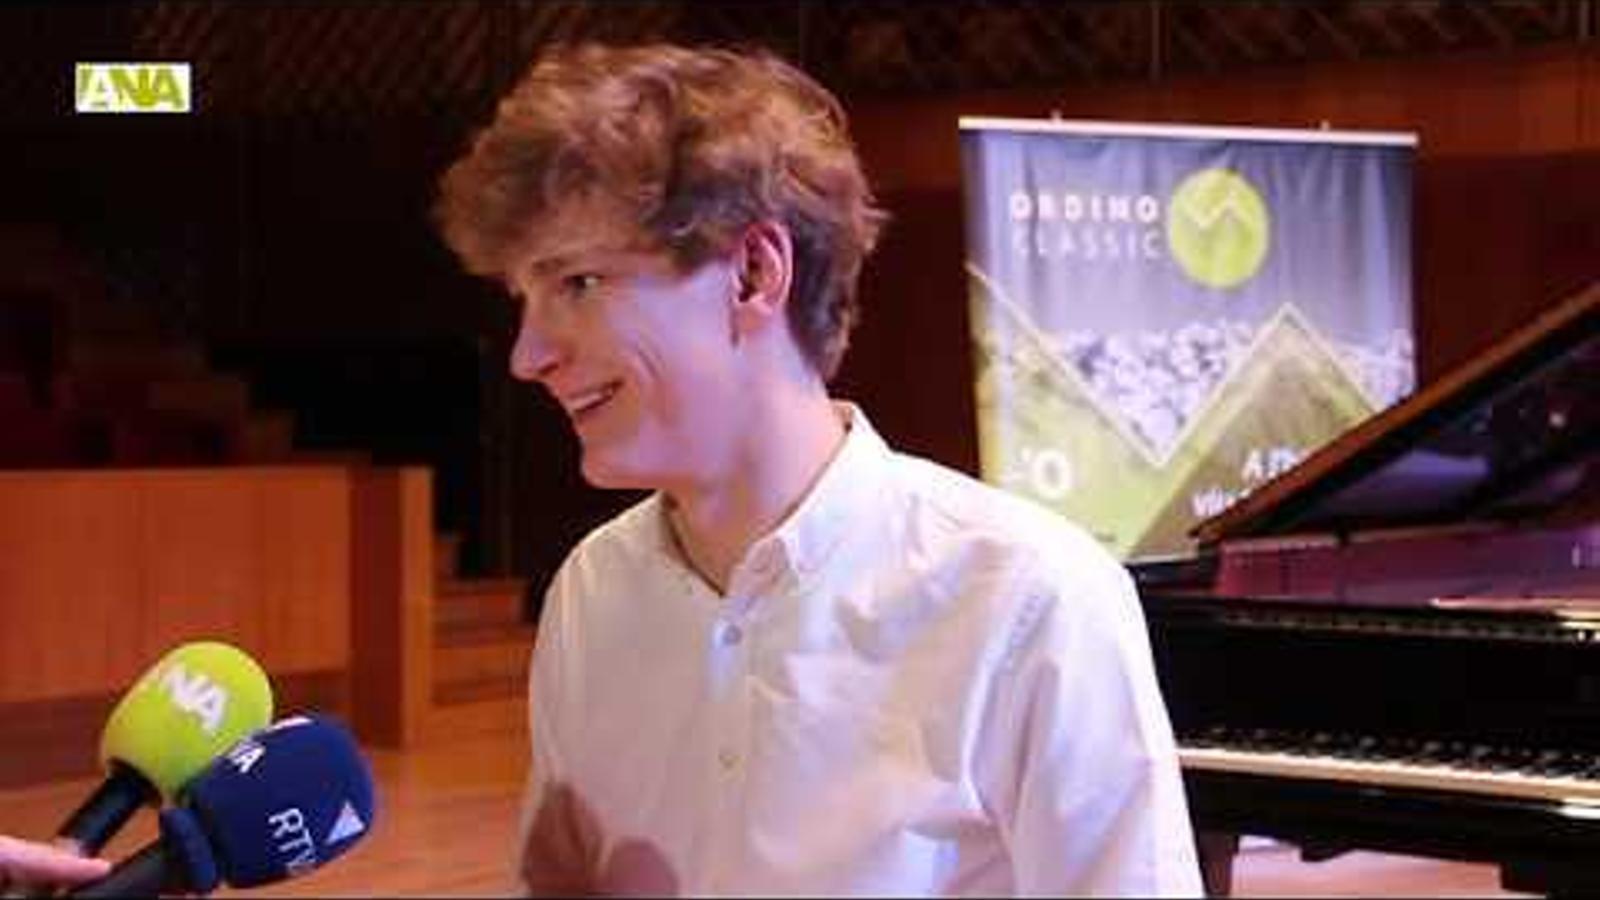 Imatges del concert del pianista Jan Lisiecki a l'Auditori Nacional d'Andorra